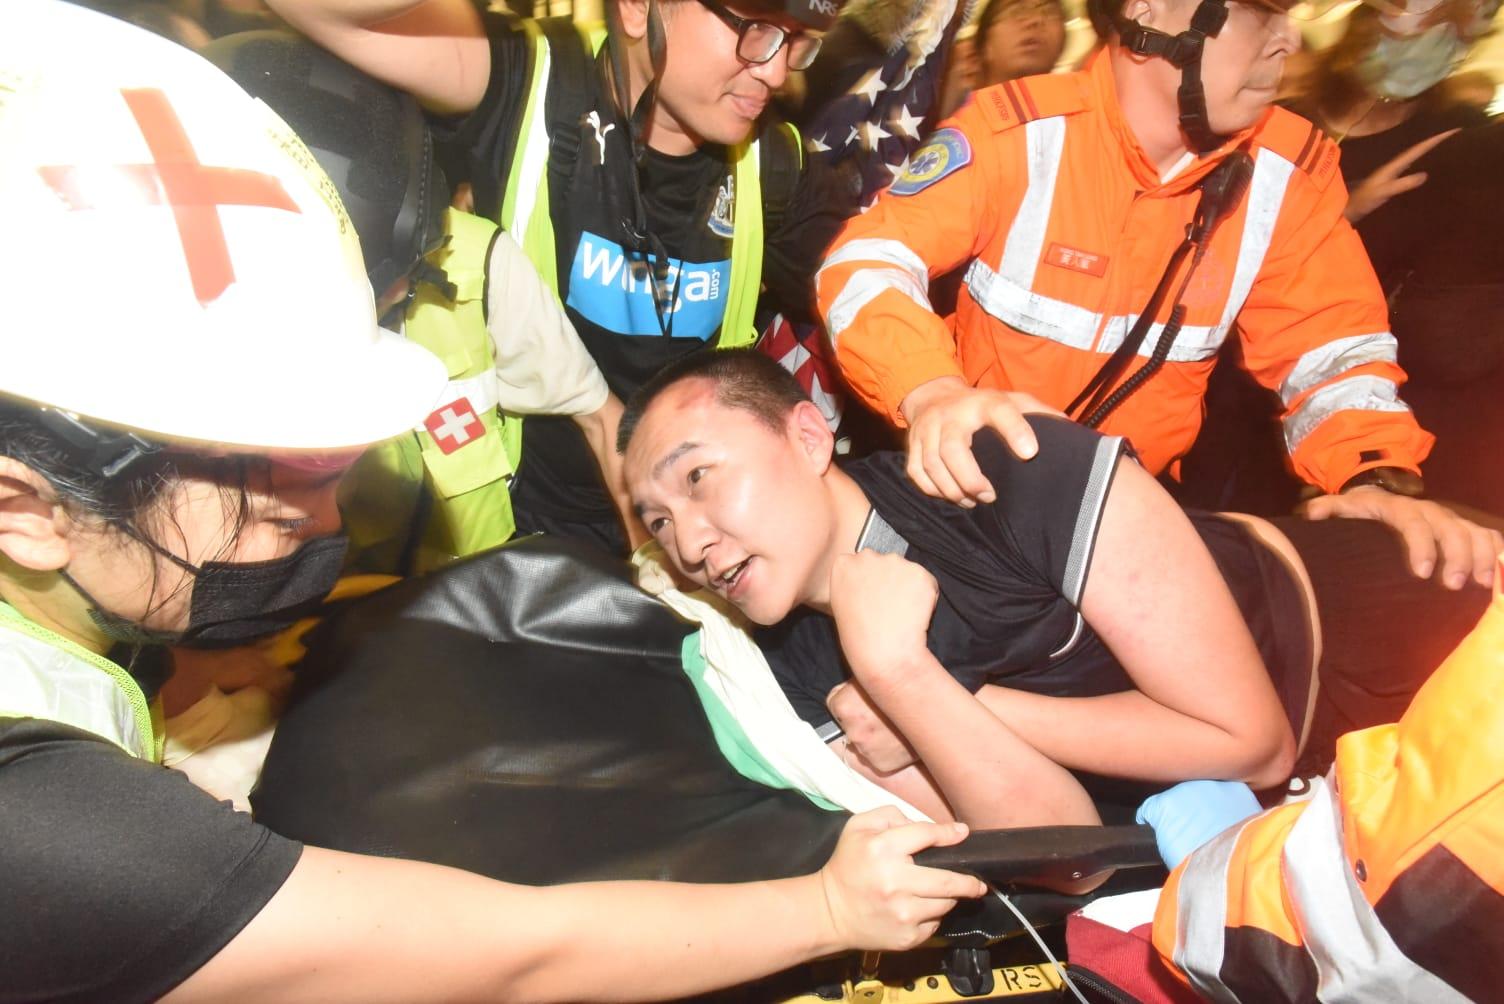 《環時》記者其後送往上救護車。